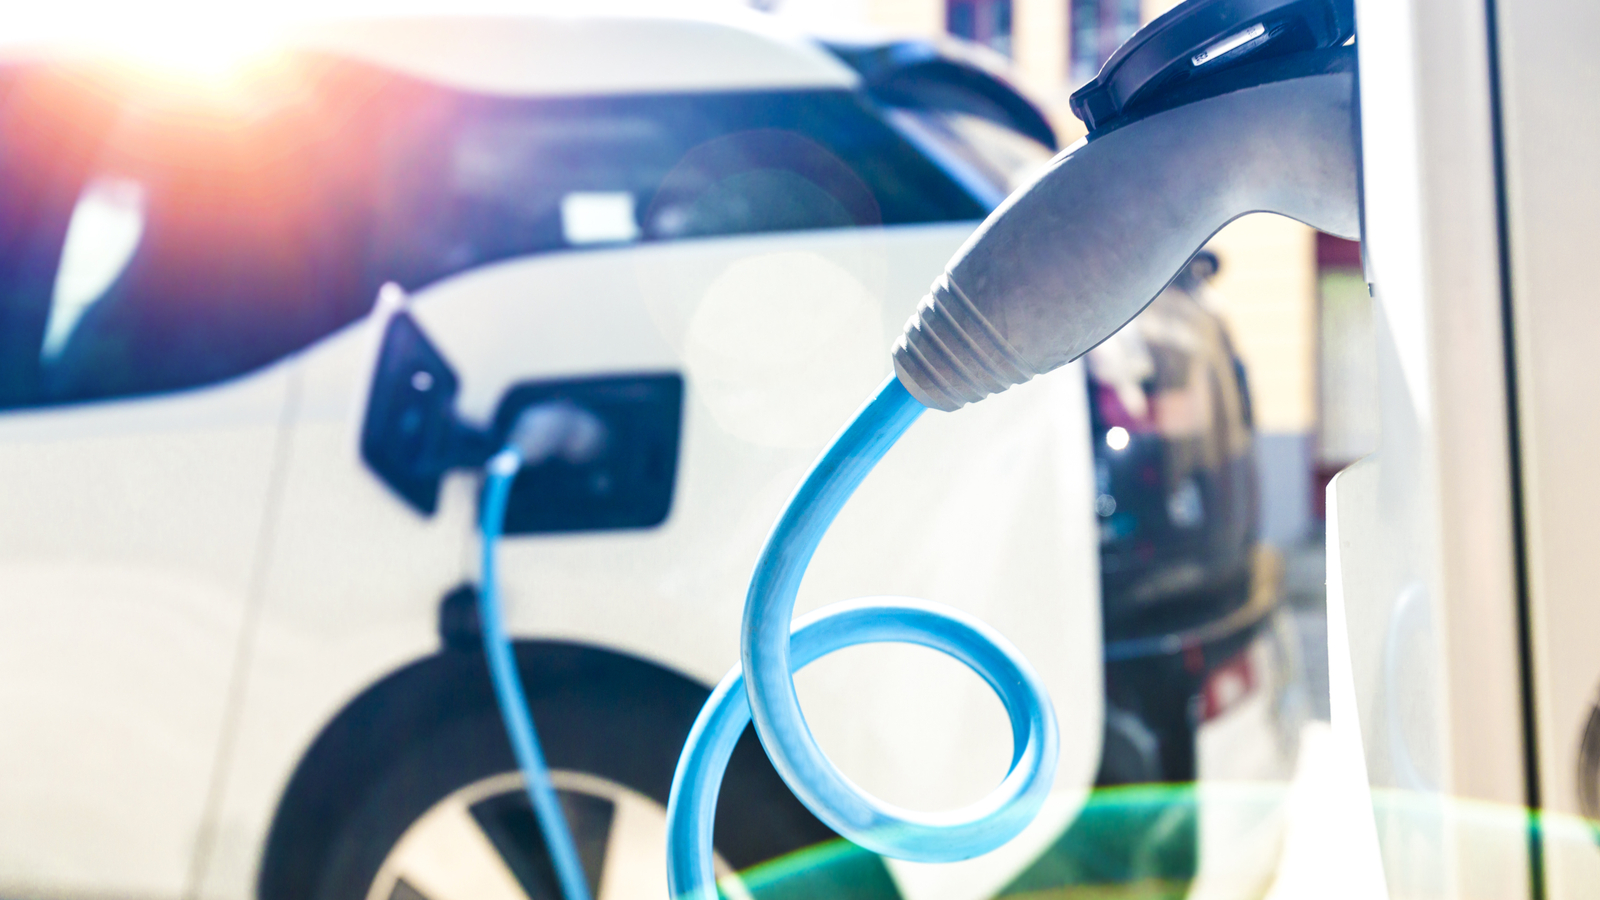 Voiture électrique : combien coûte la recharge à domicile ?